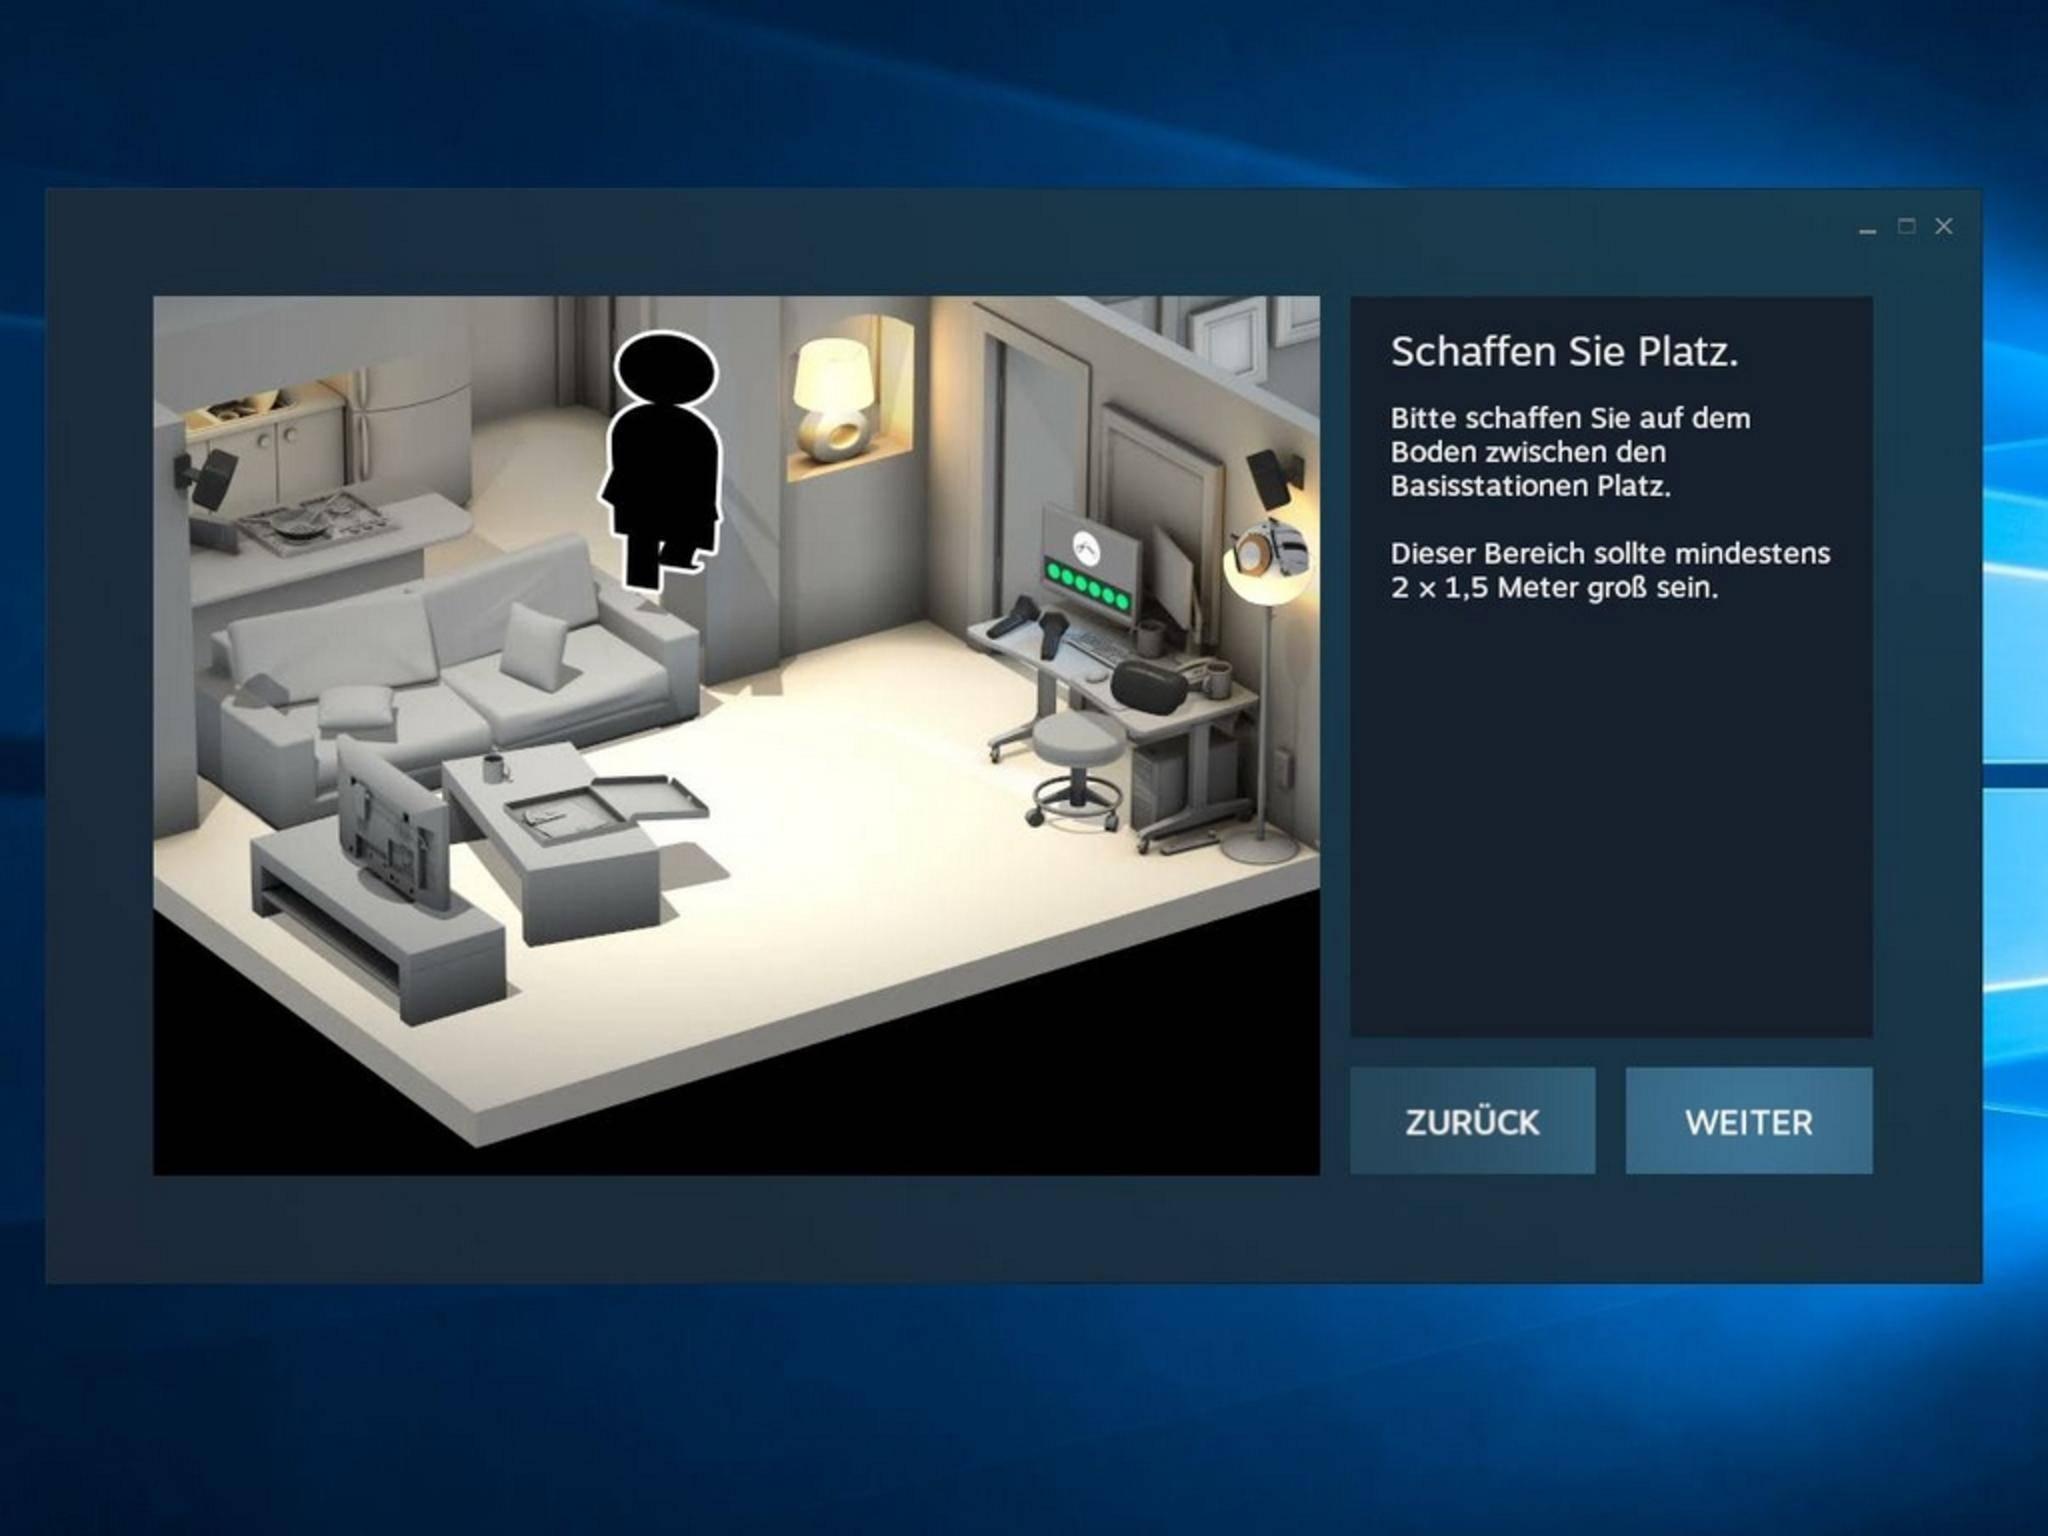 Die finale Einrichtung der Vive erfolgt über Steam VR.